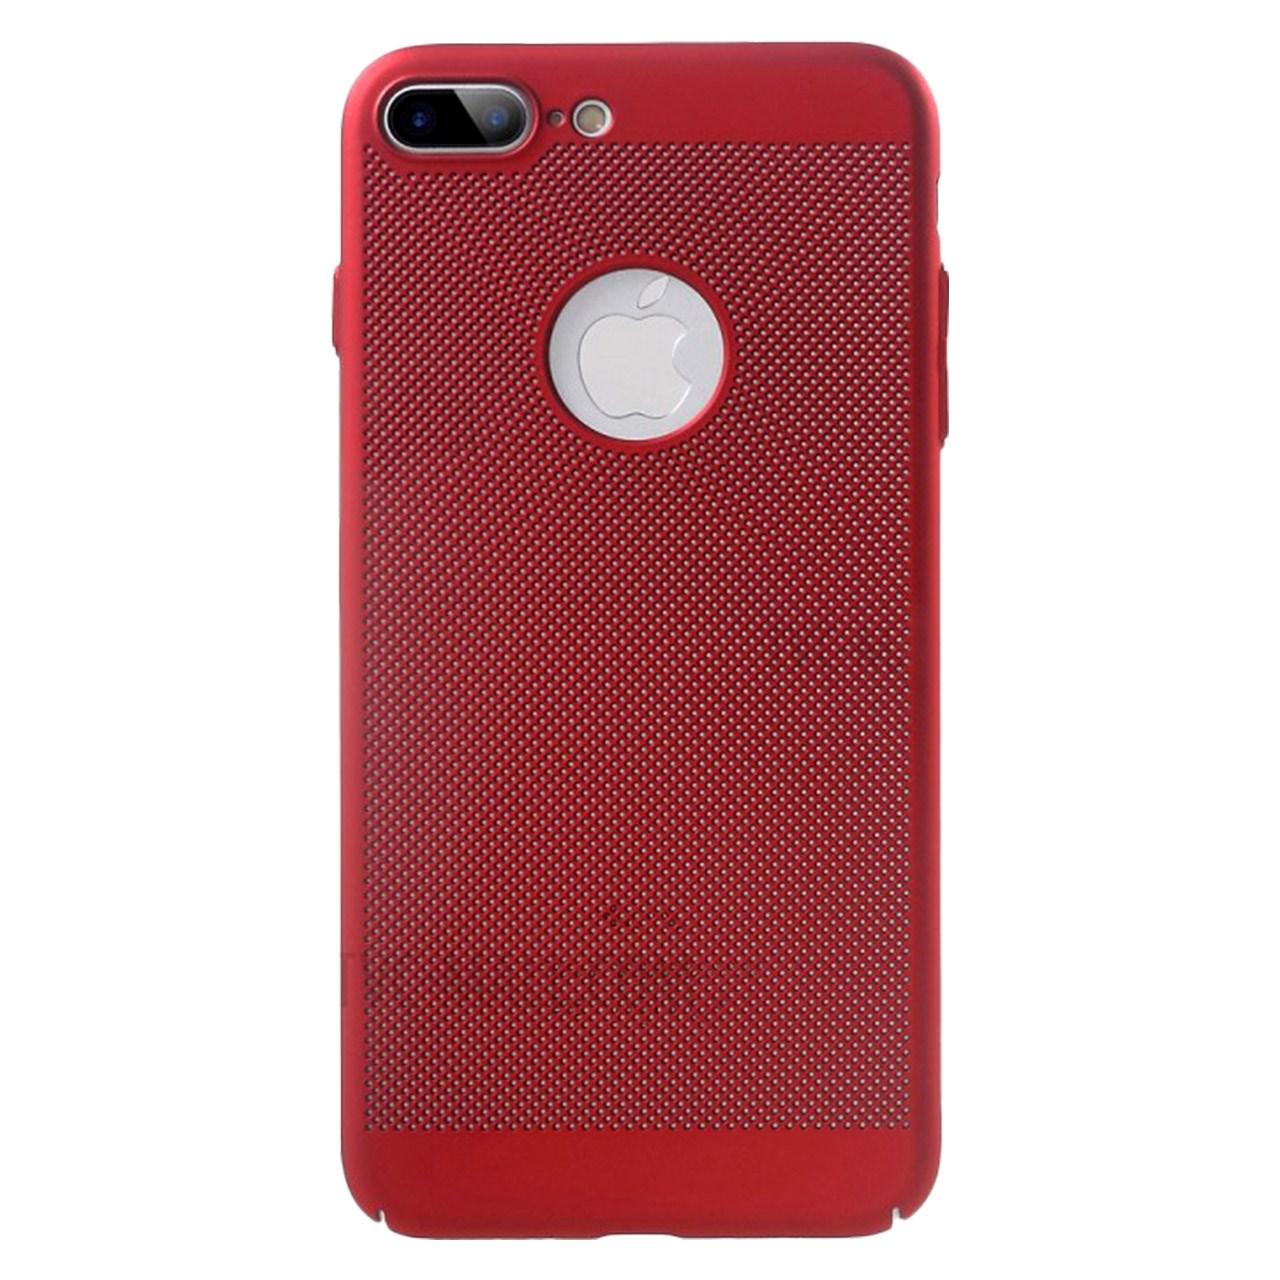 کاور مدل Hard Mesh مناسب برای گوشی موبایل آیفون 7Plus